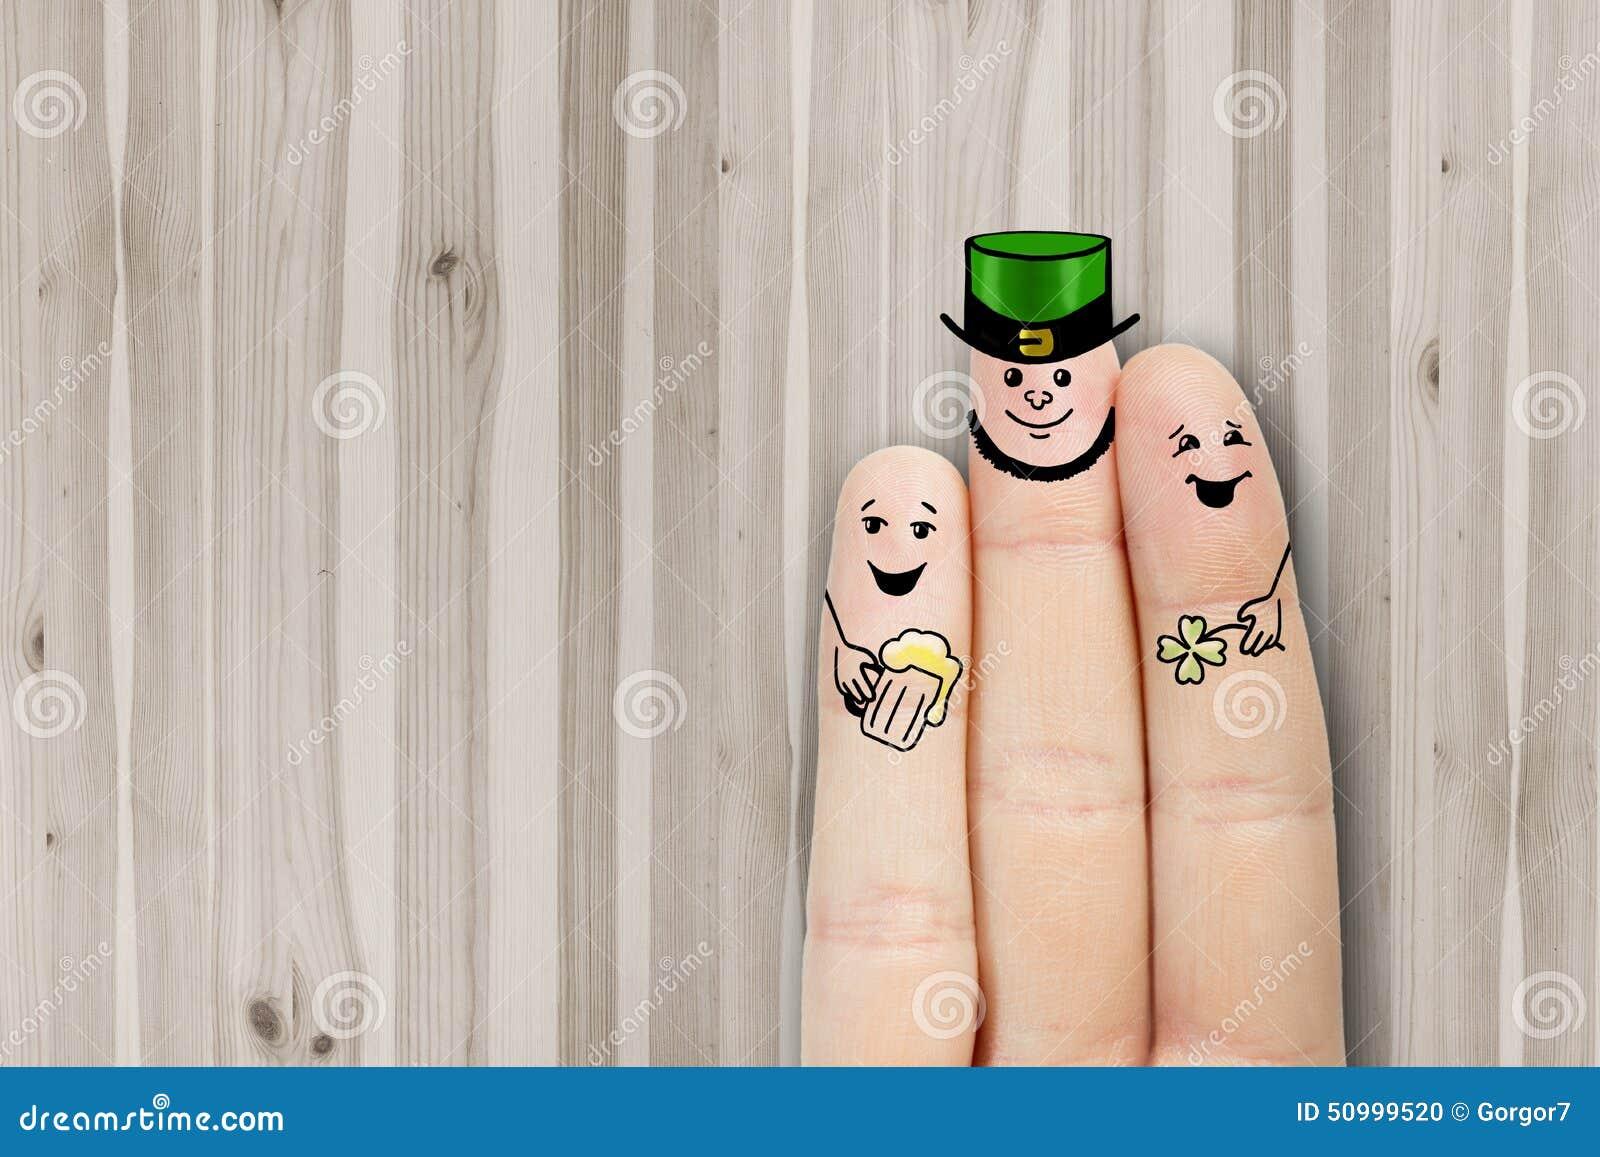 概念性手指艺术 朋友是拥抱和喝啤酒